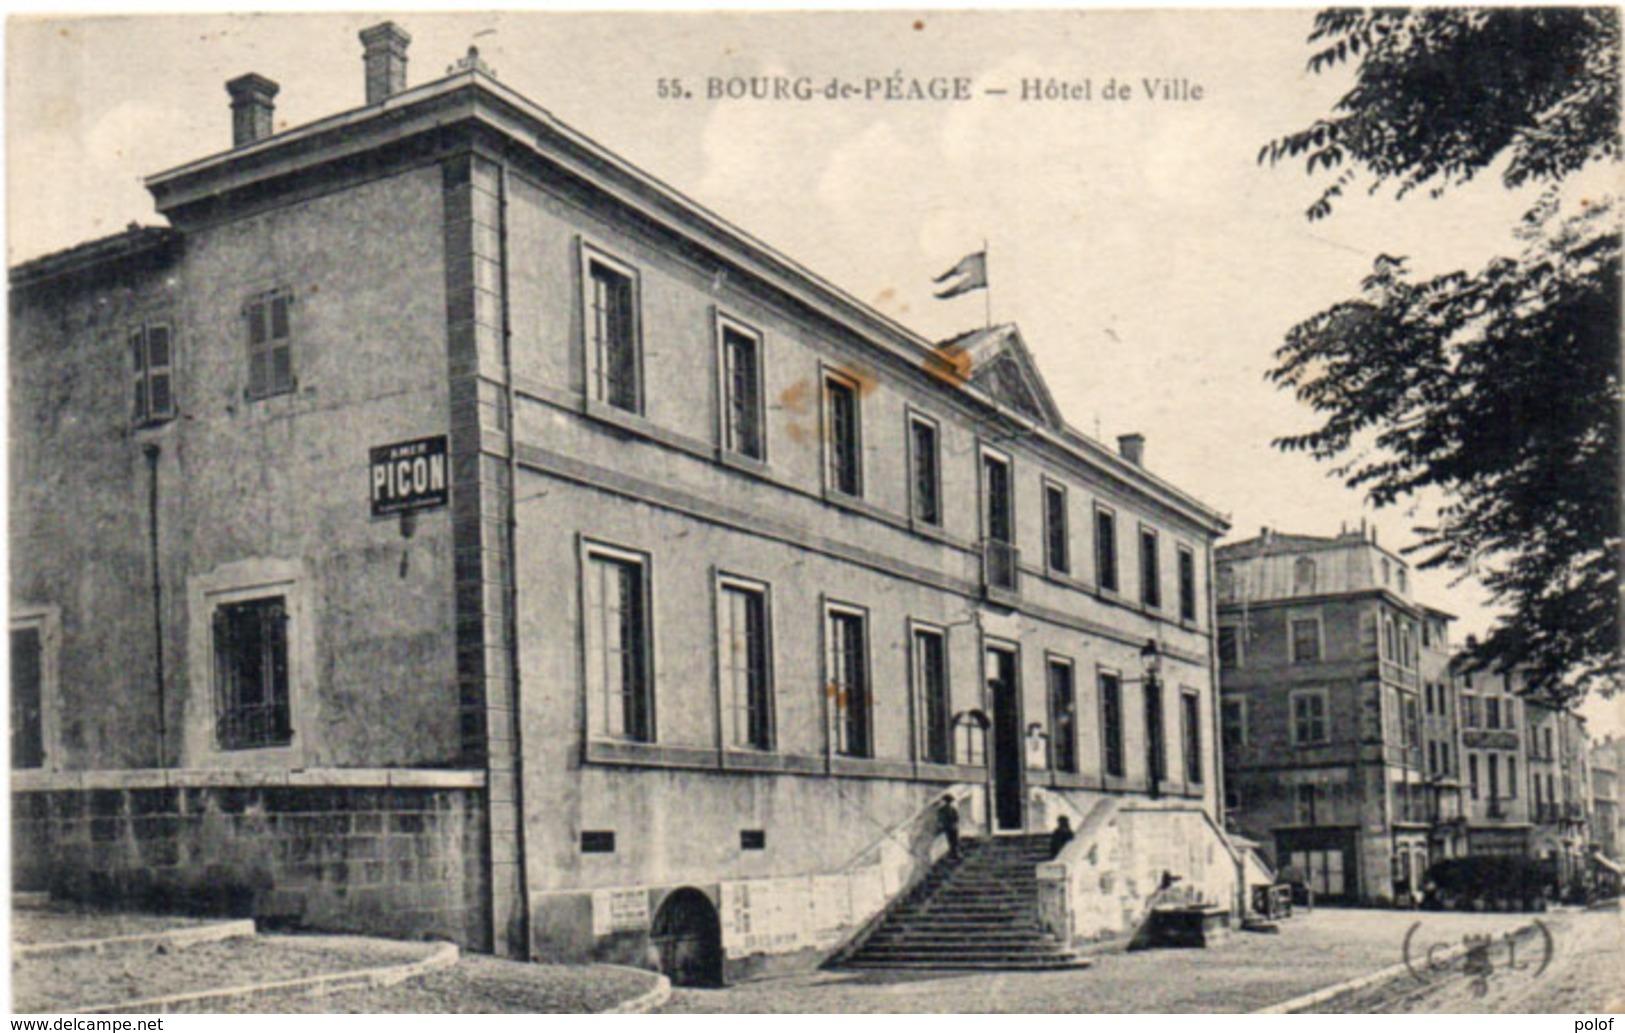 BOURG DE PEAGE - Hotel De Ville - Pub Amer Picon - Cachet Militaire   (113625) - Autres Communes